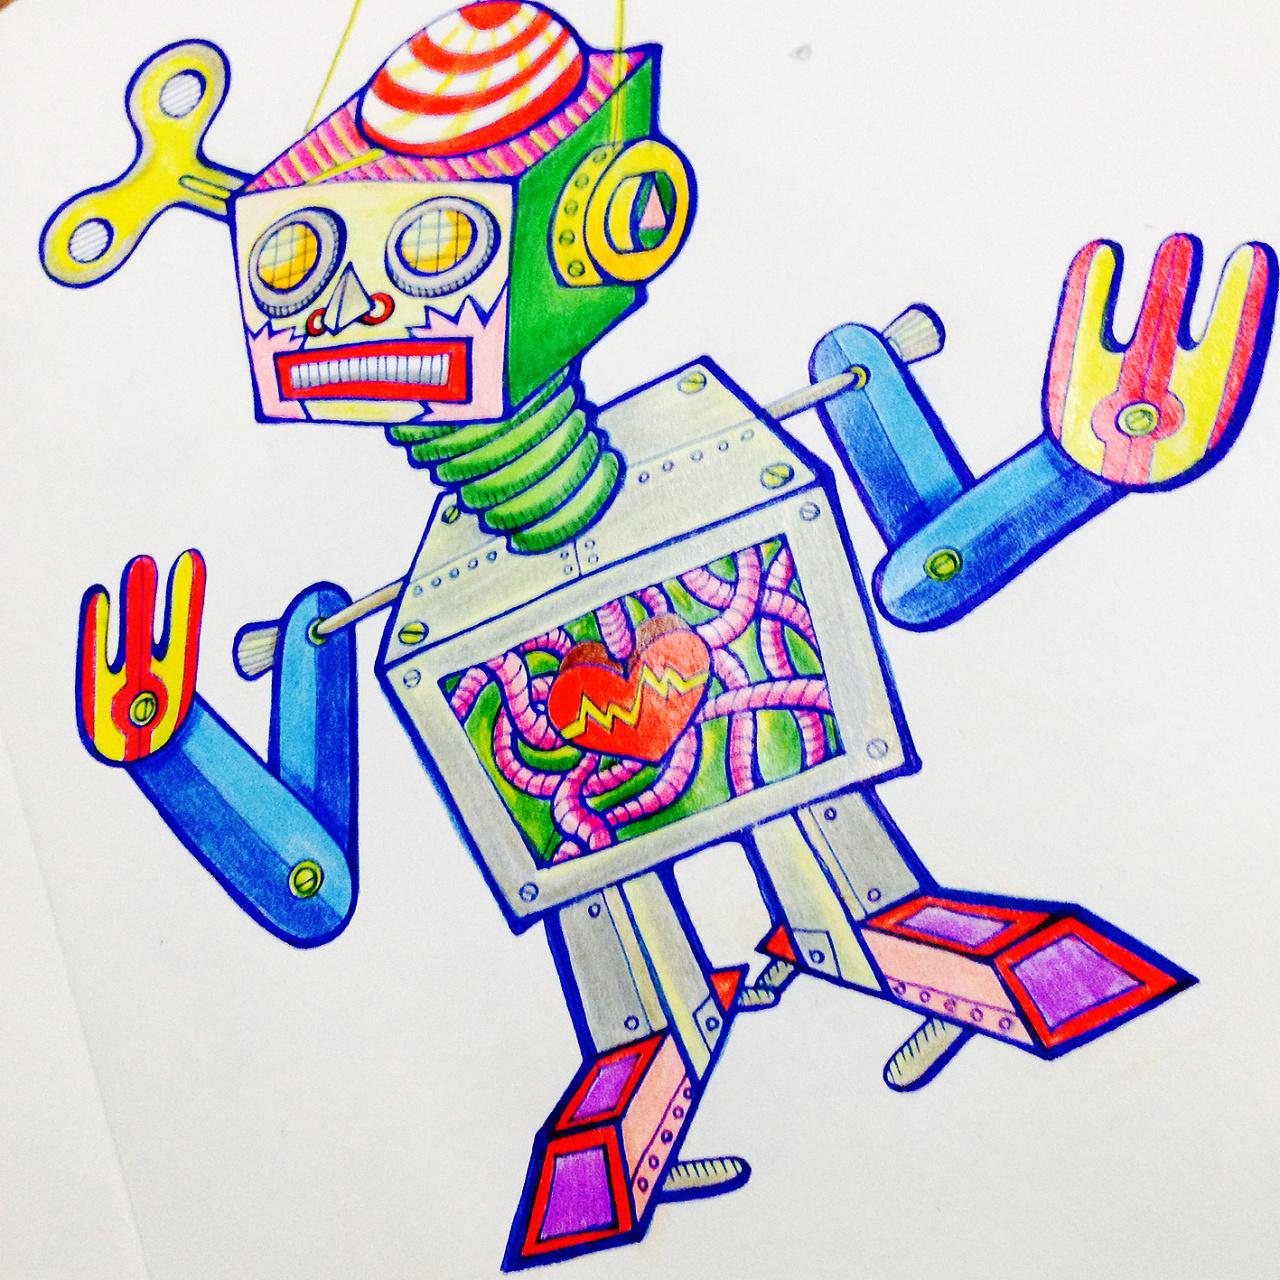 手绘插画涂鸦——铁皮机器人